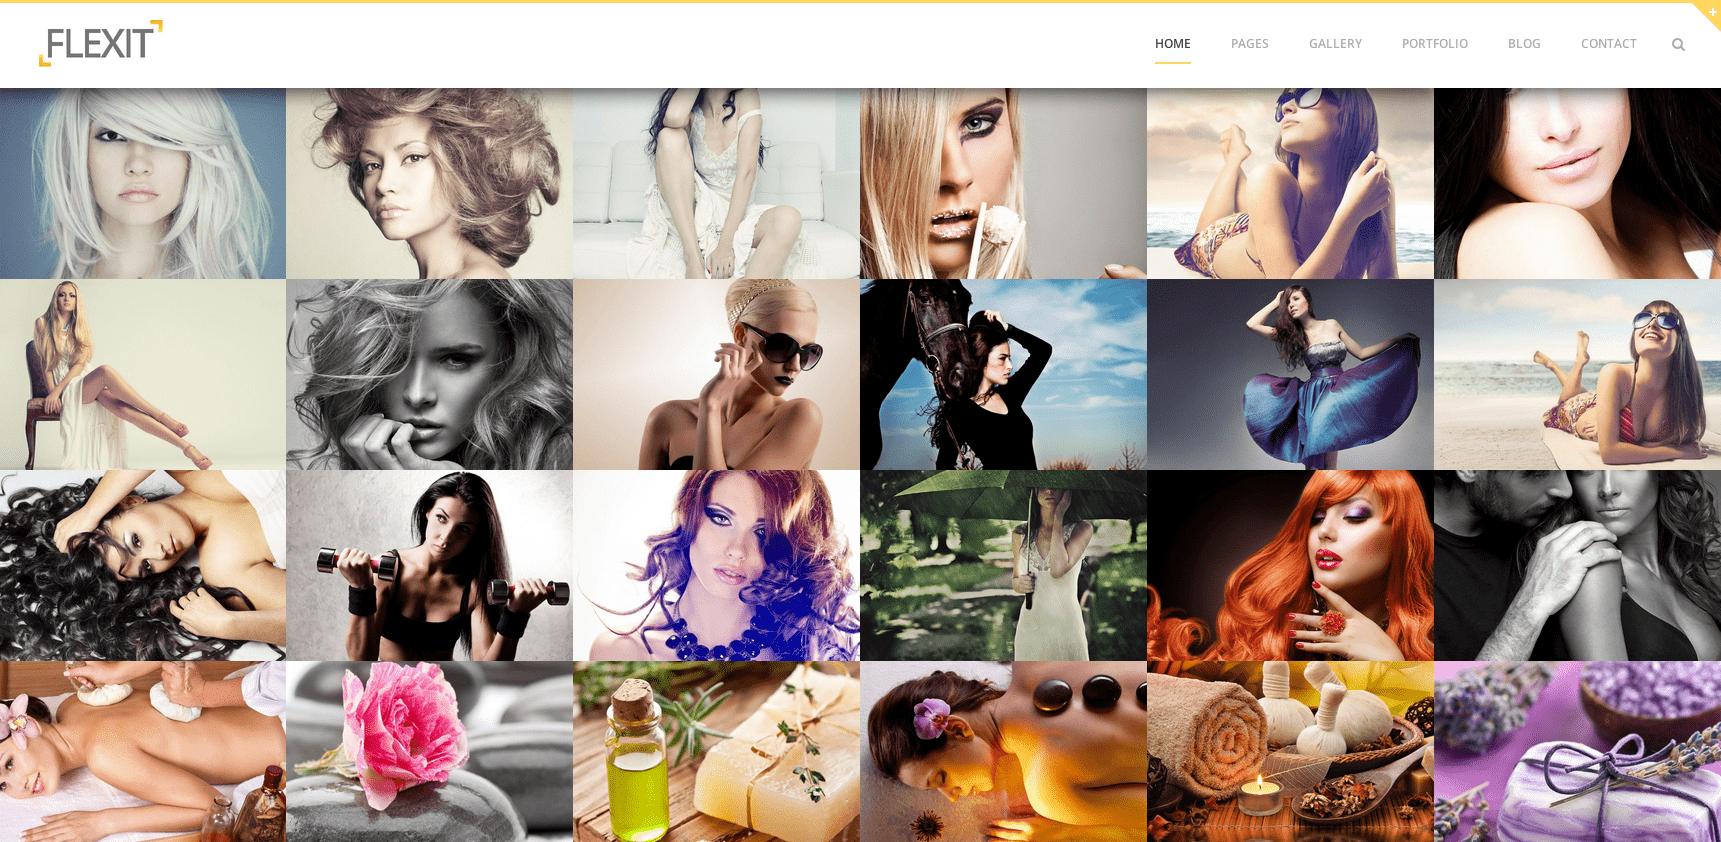 Galeria-de-Fotos-Online-Flexit